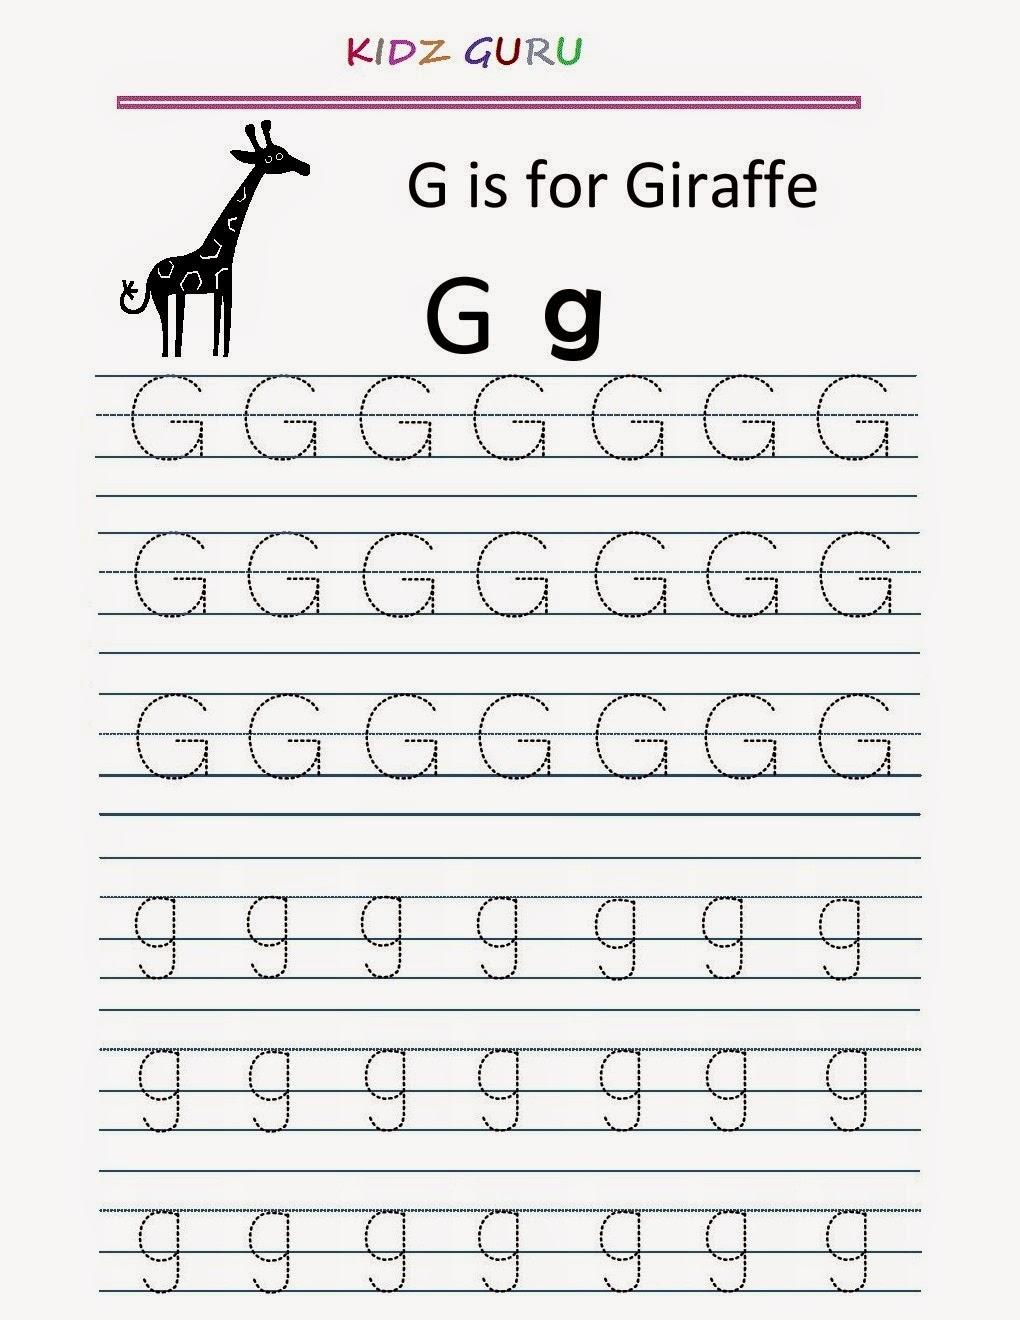 worksheet. Letter G Worksheets For Kindergarten. Worksheet